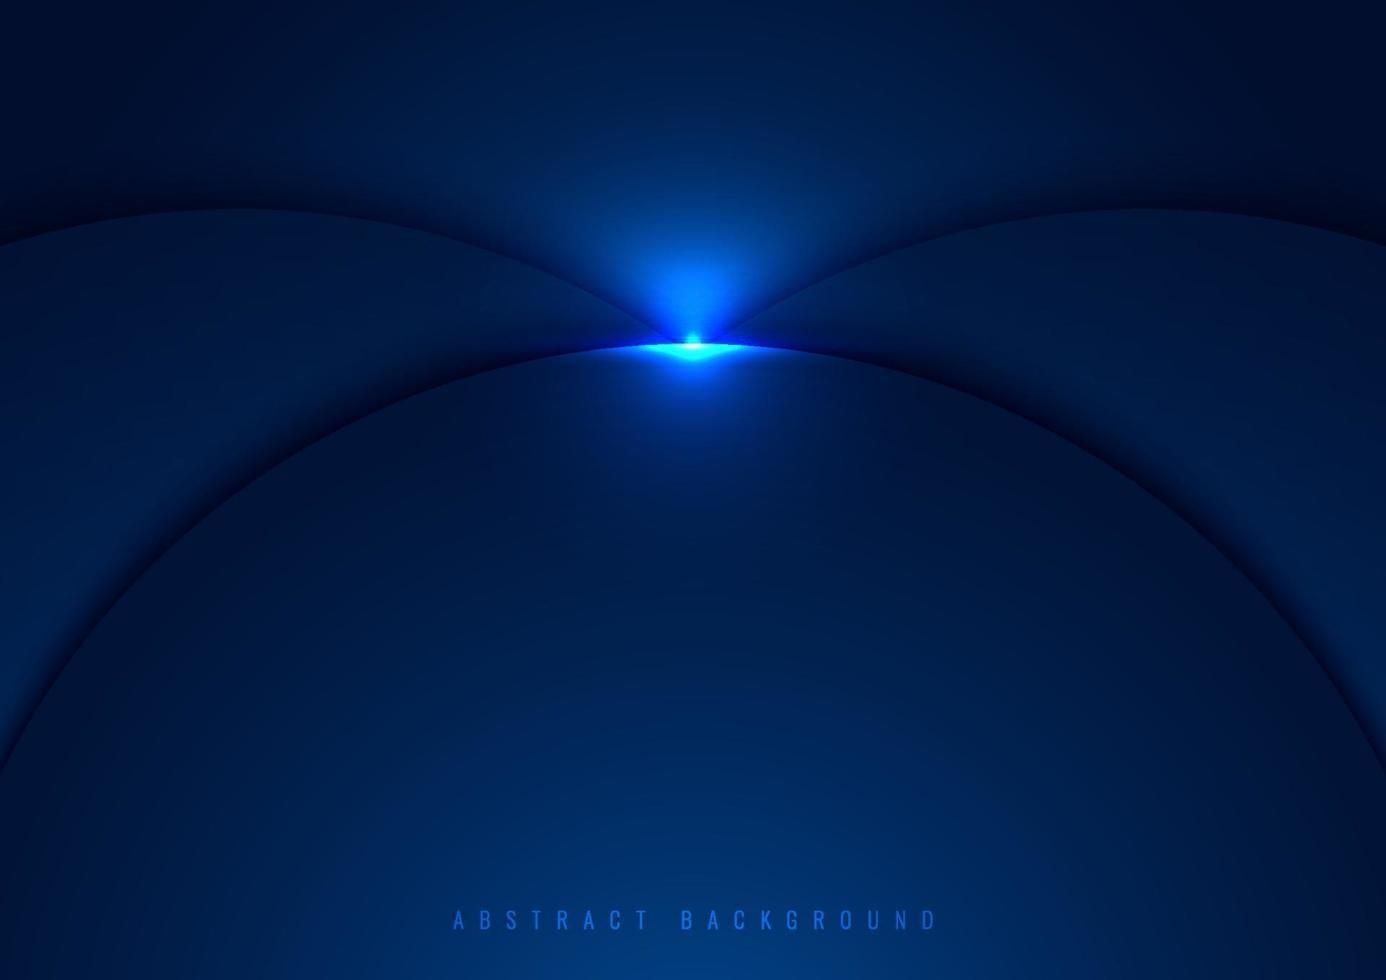 blå cirklar överlappar lager med glödbelysningseffekt på mörk bakgrund vektor